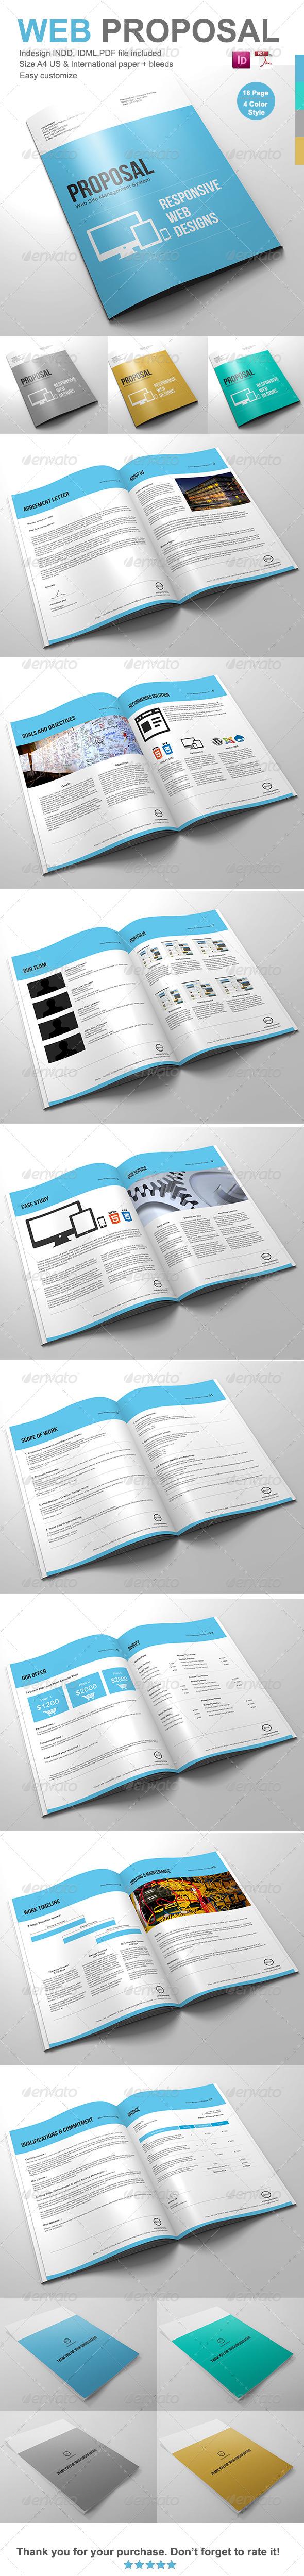 GraphicRiver Gstudio Web Proposal Template 4117681